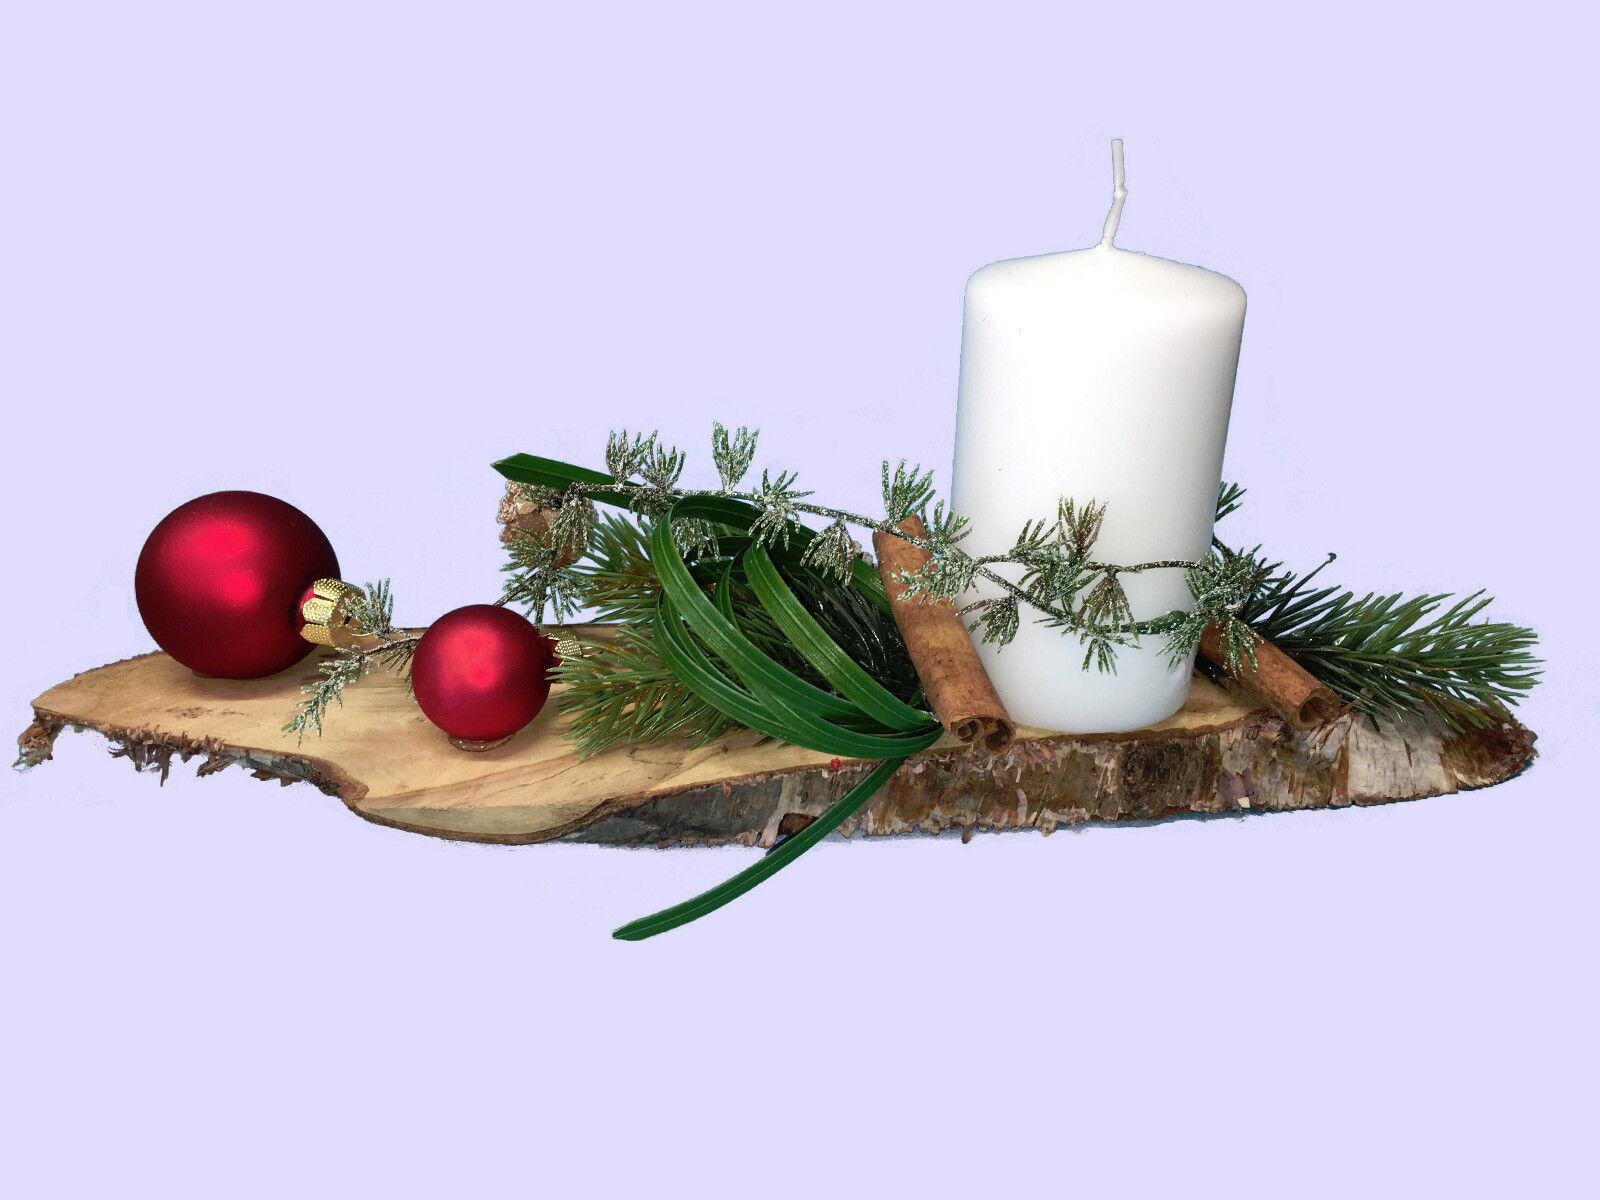 Weihnachtsgestecke Mehr Als 200 Angebote Fotos Preise